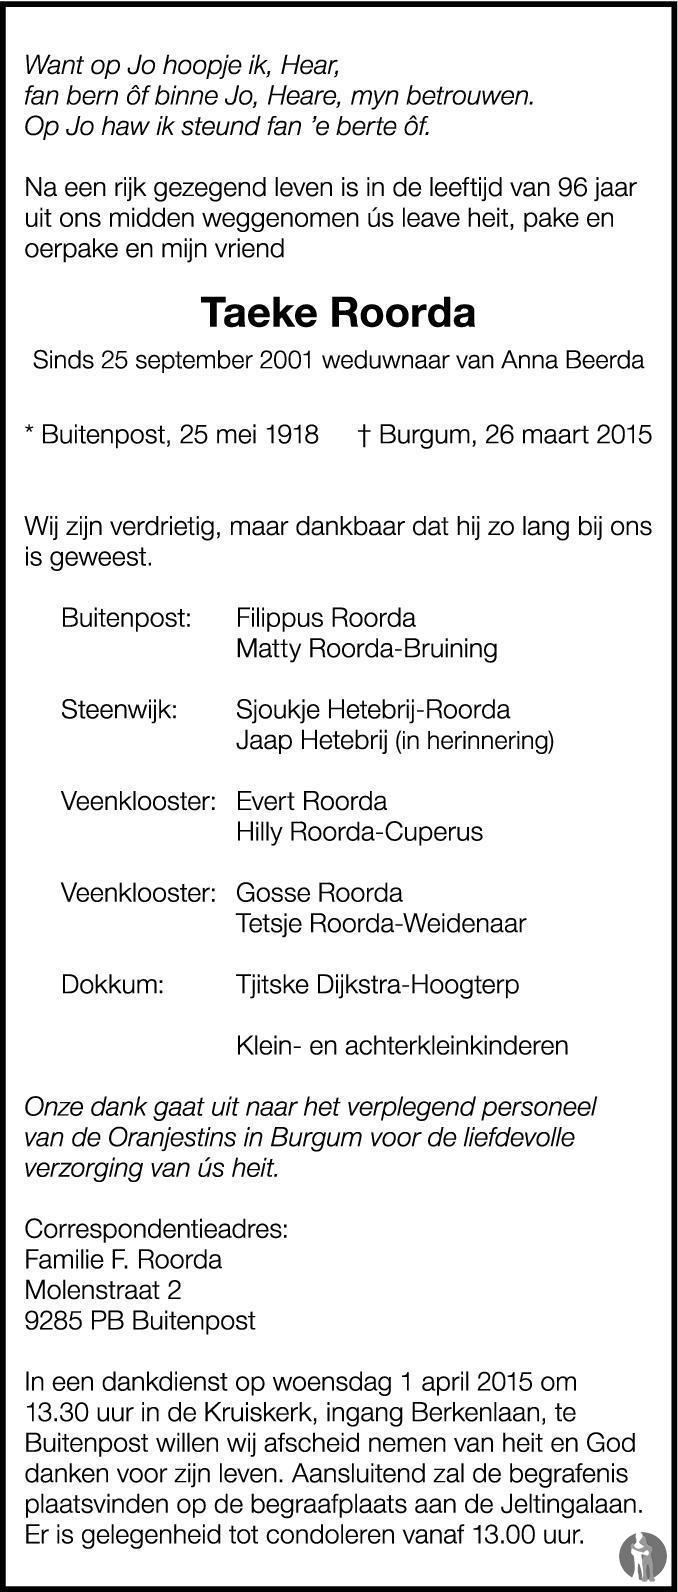 Overlijdensbericht van Taeke Roorda in Nieuwsblad Noordoost-Friesland